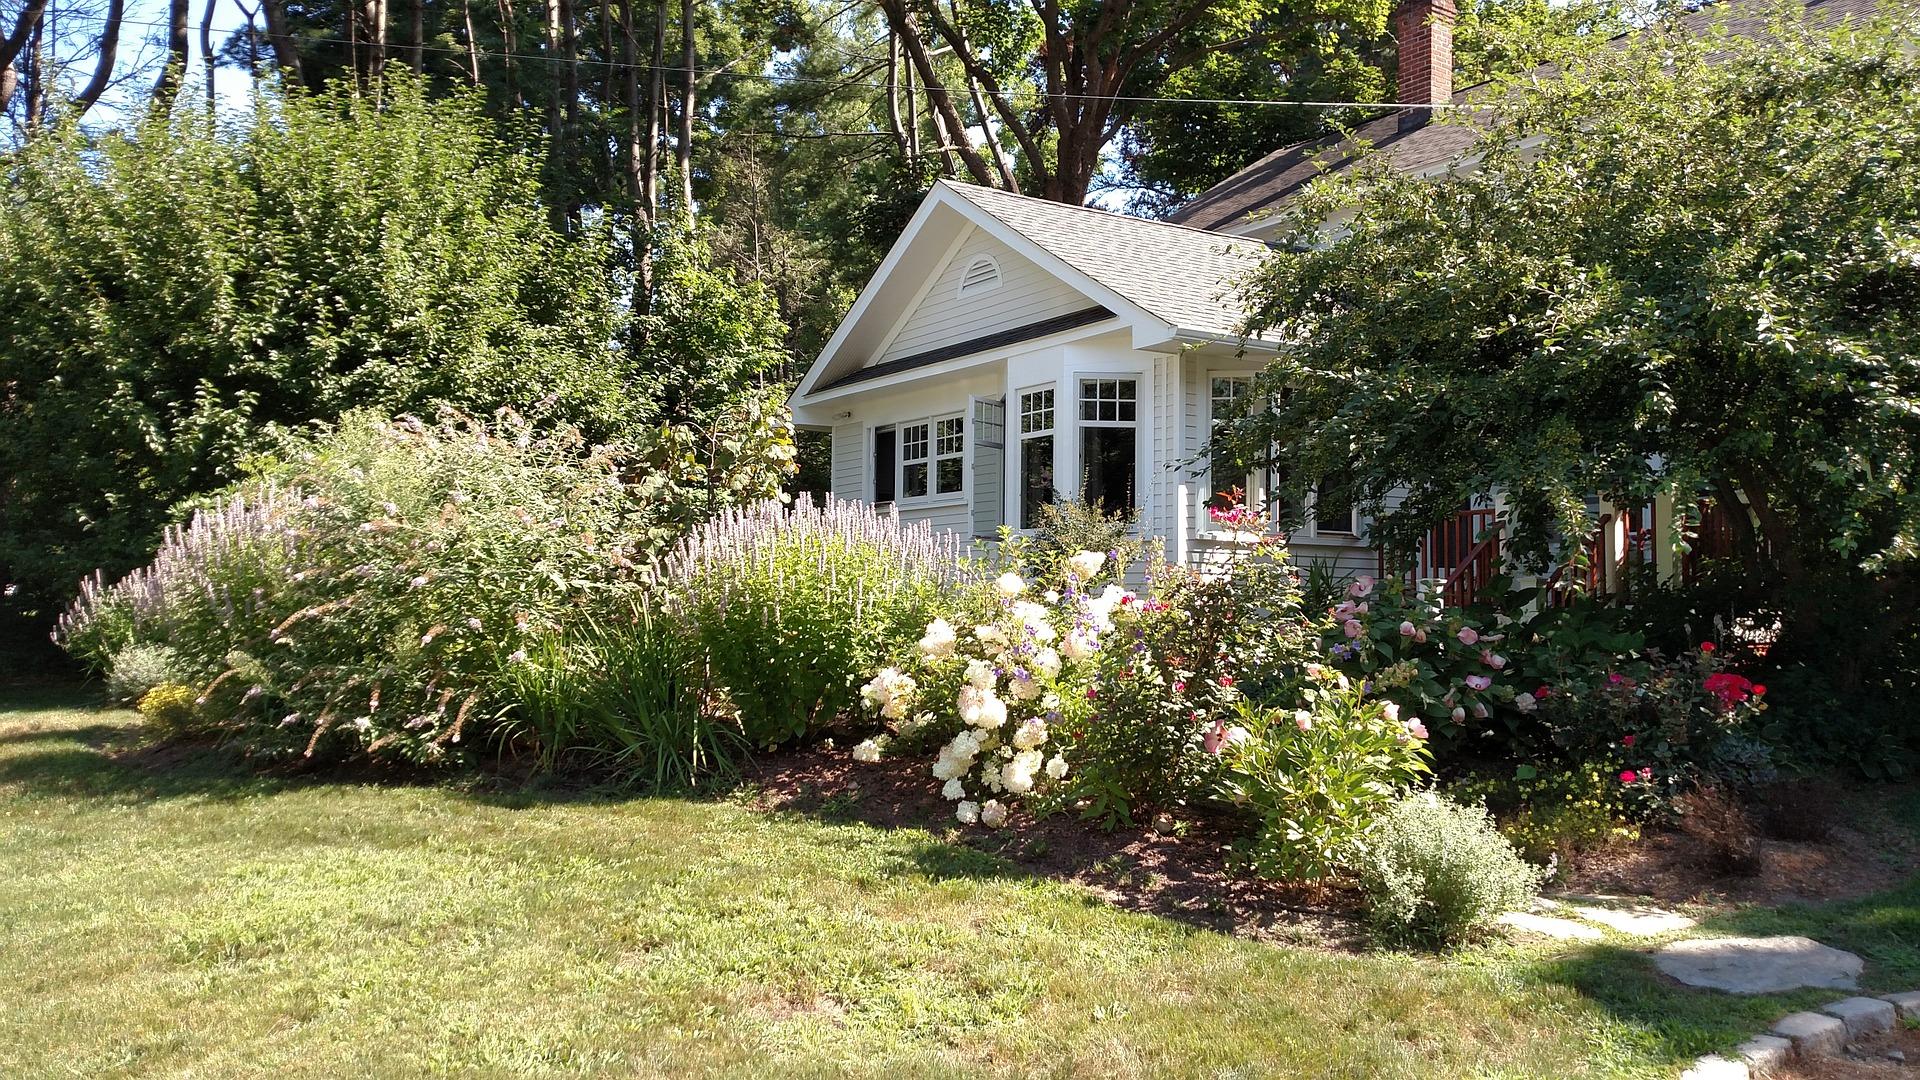 Landscaping Basics for Sustainable Yards